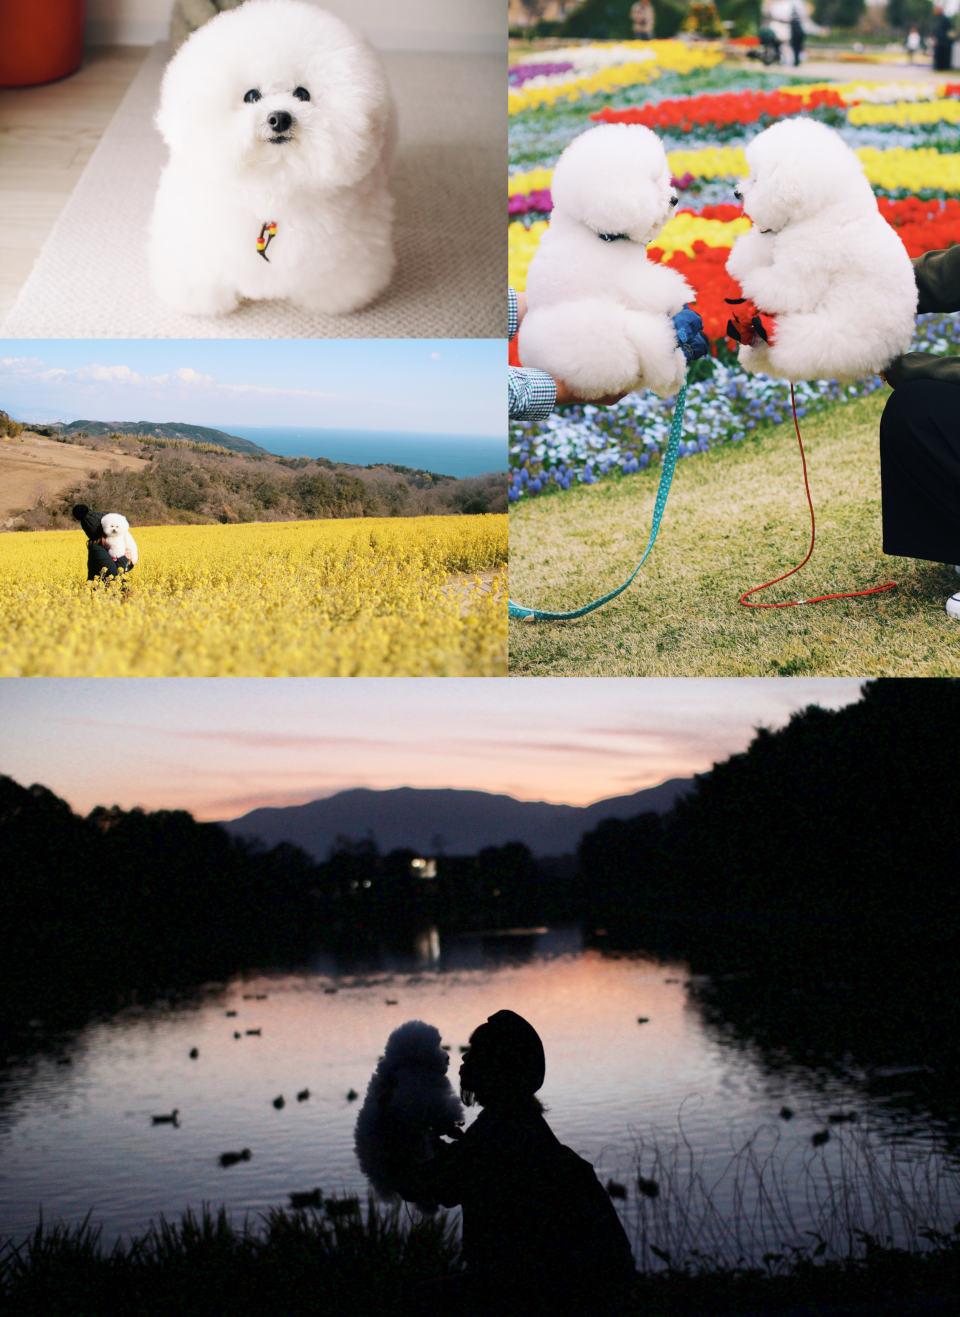 ふわモフ胸きゅん!愛犬と一緒に写真撮影を楽しむ秘訣